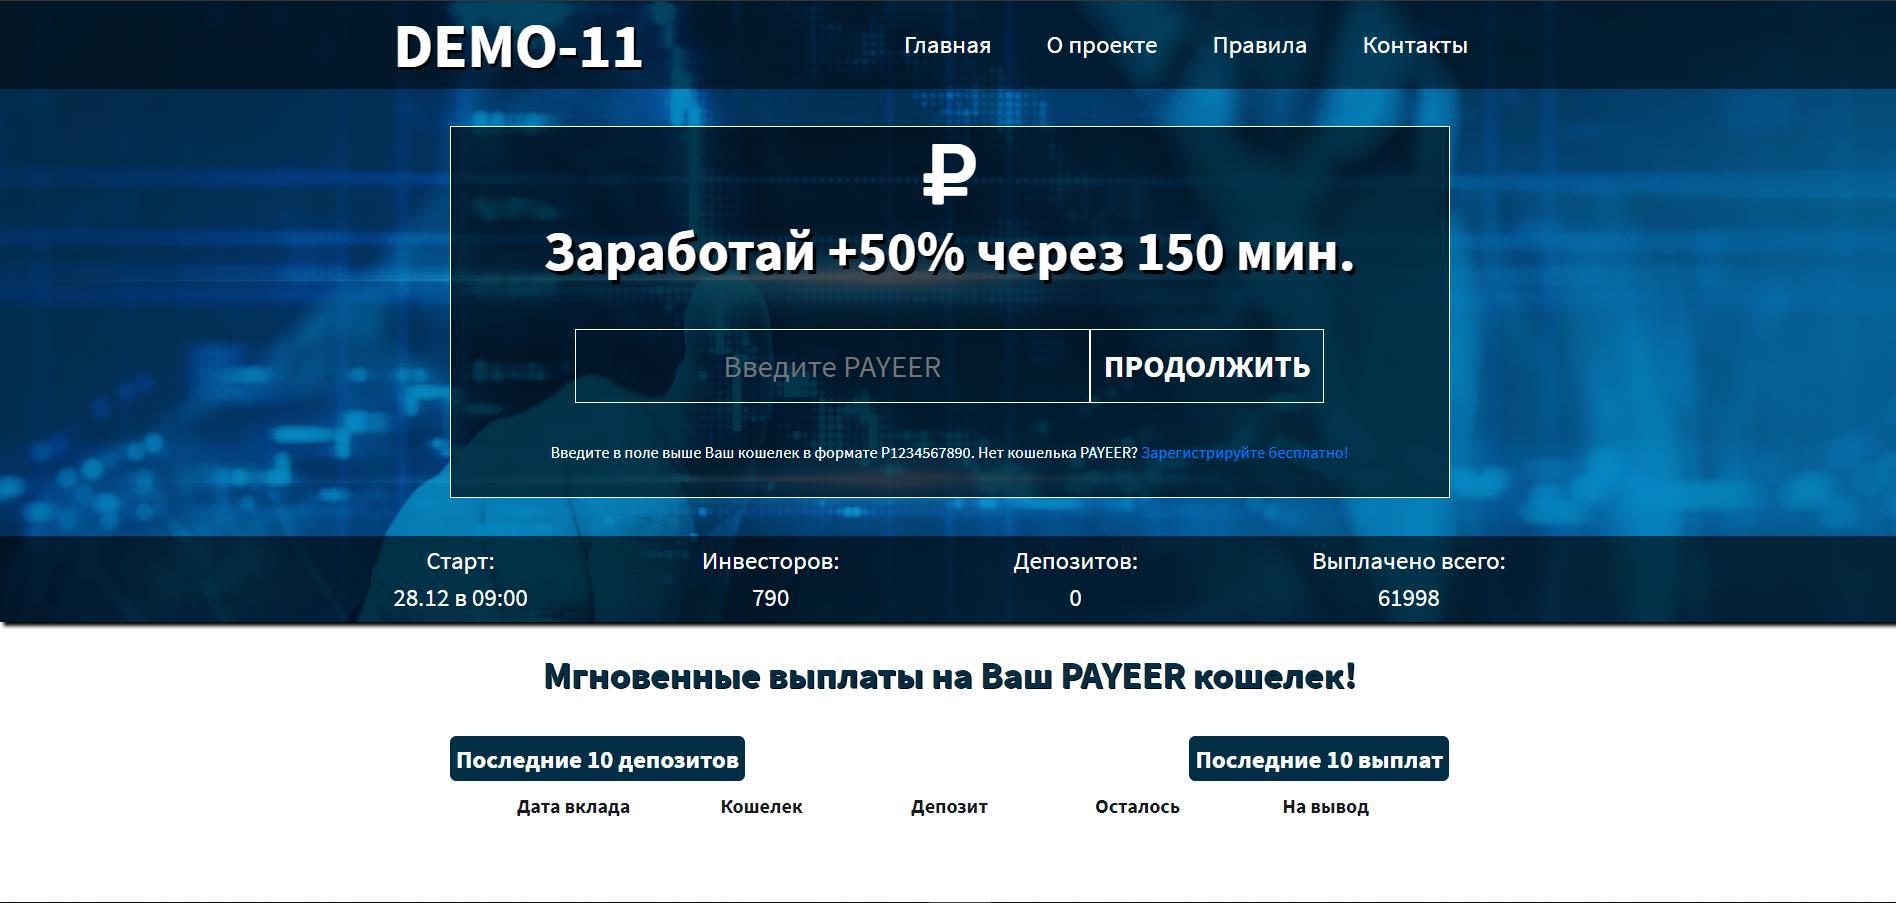 Скрипт Payeer удвоителя DEMO-11